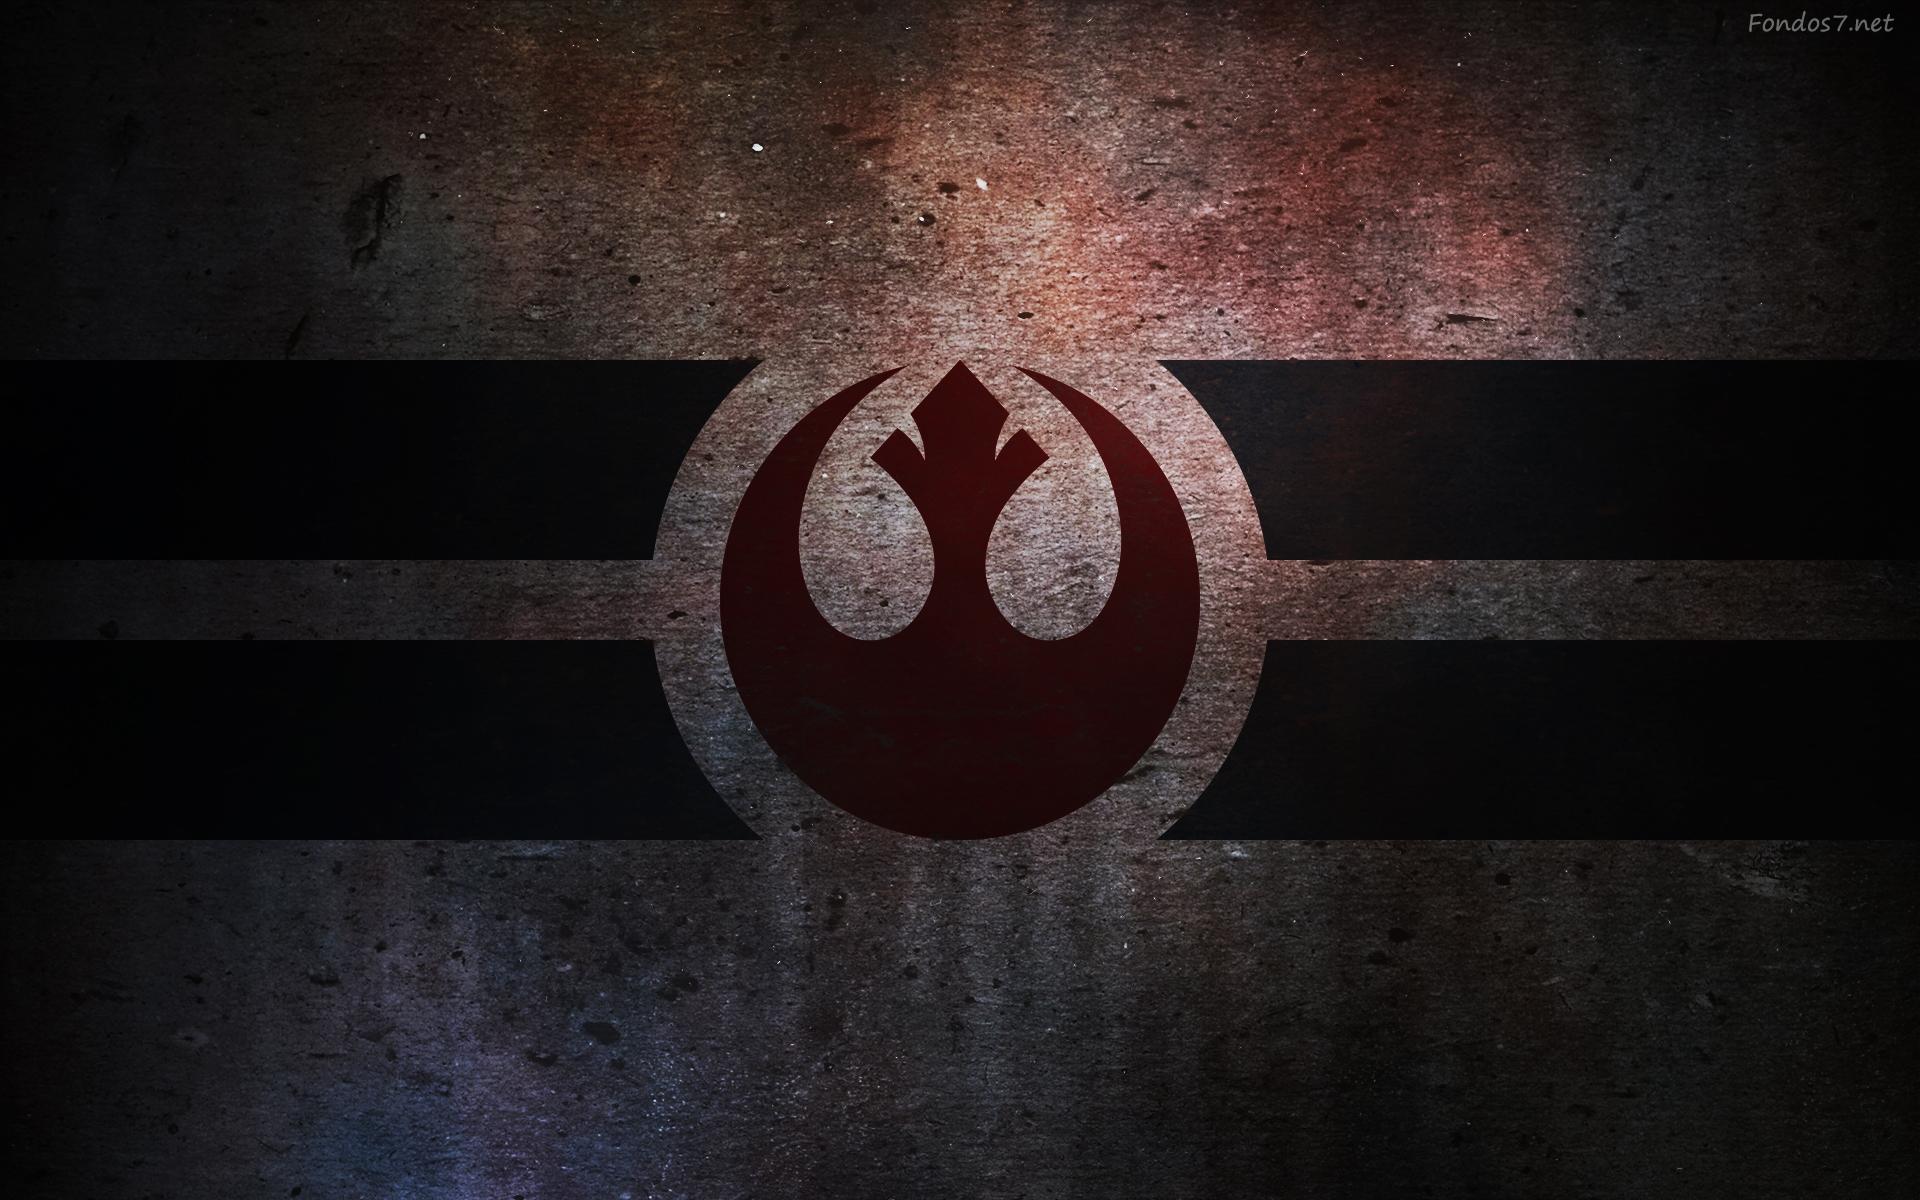 star wars logo wallpaper widescreen wallpapers original 1920x1200 1920x1200